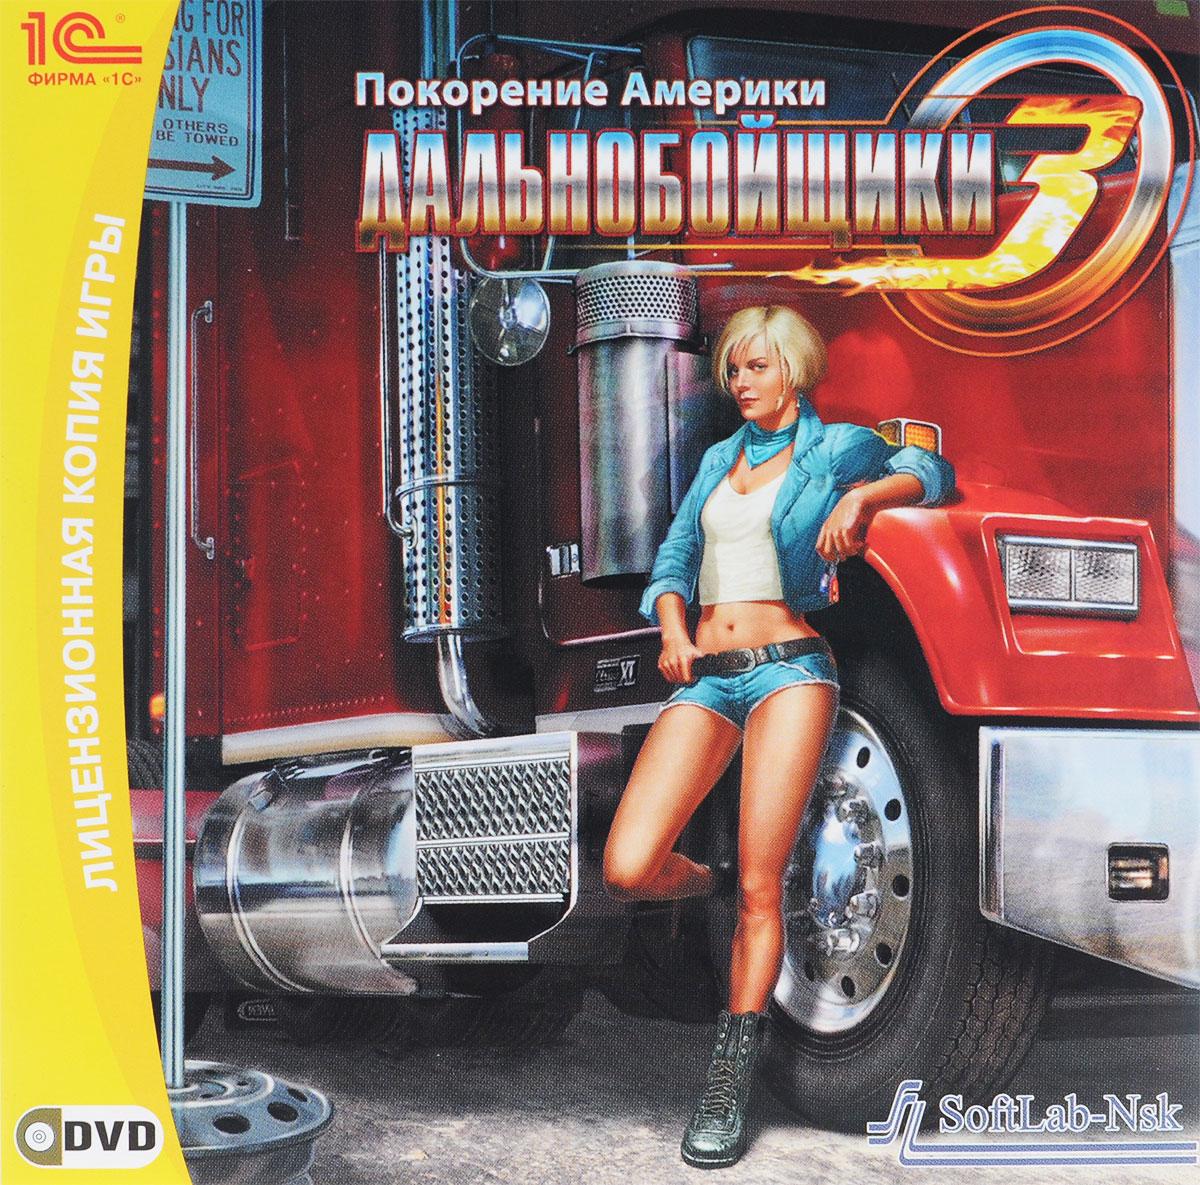 Дальнобойщики 3: Покорение Америки